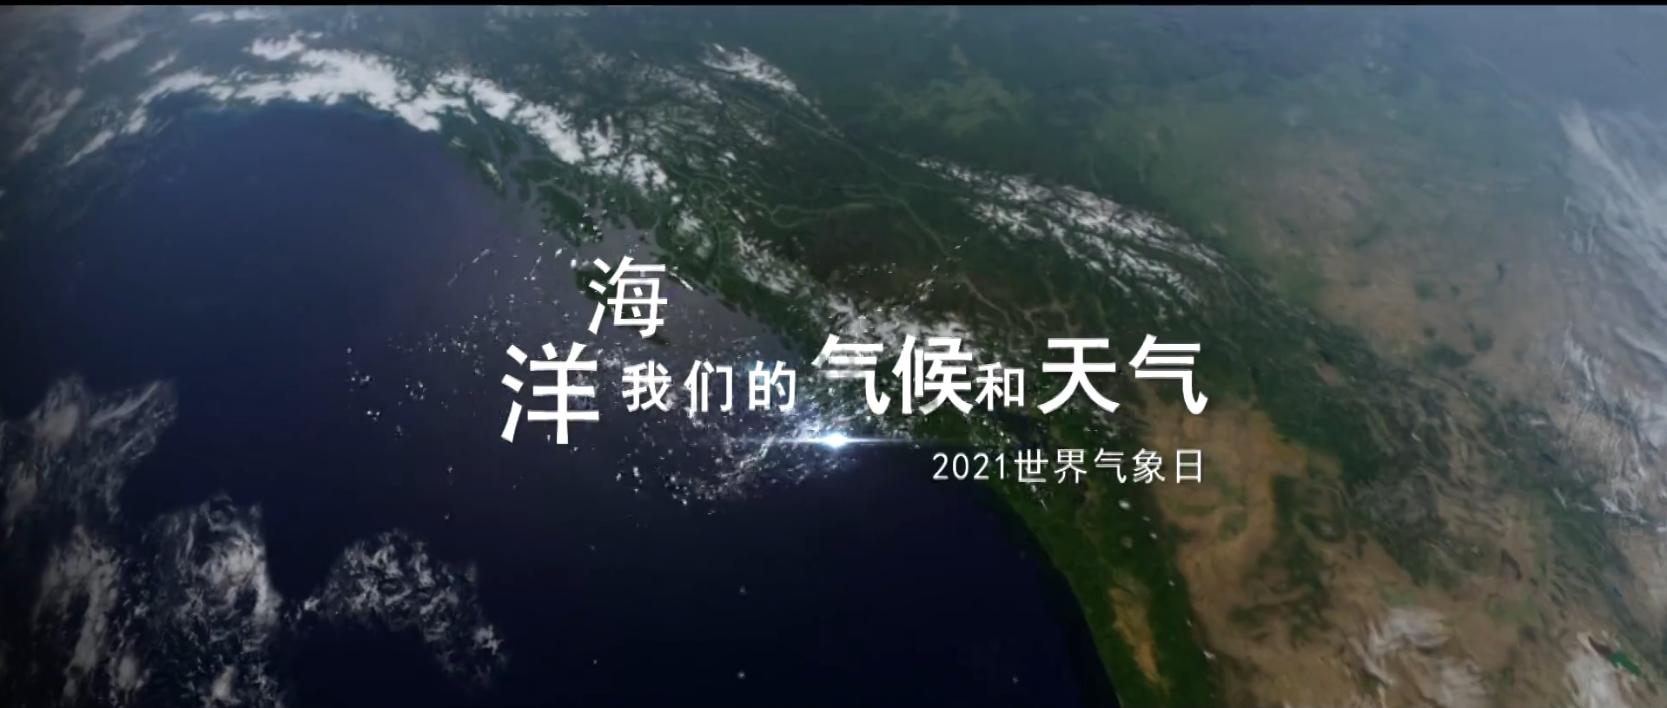 323宣传片:我们共同守护海洋 改善气候